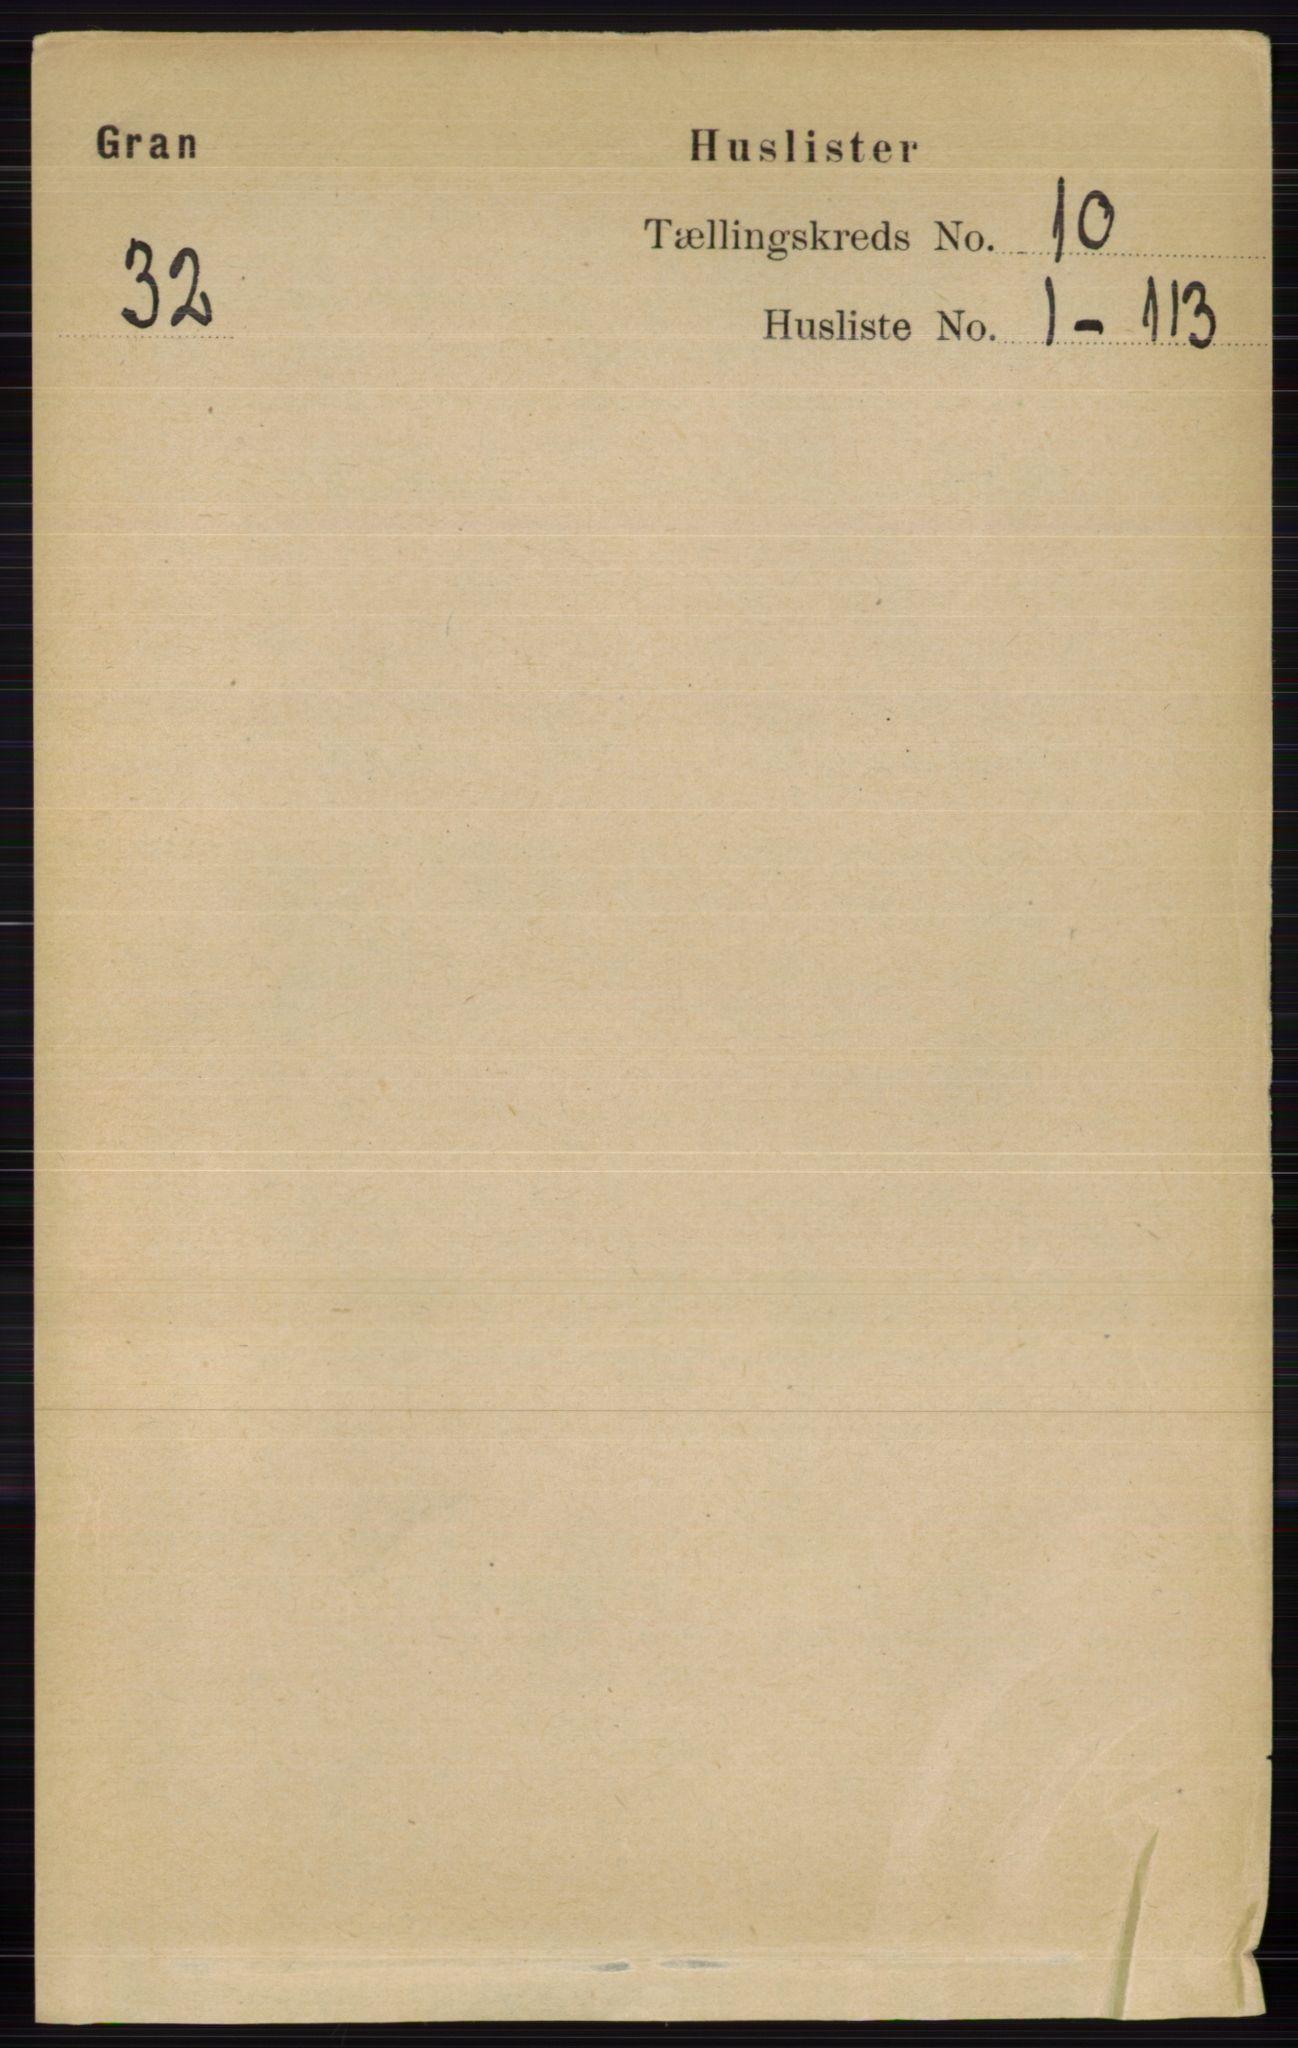 RA, Folketelling 1891 for 0534 Gran herred, 1891, s. 4569